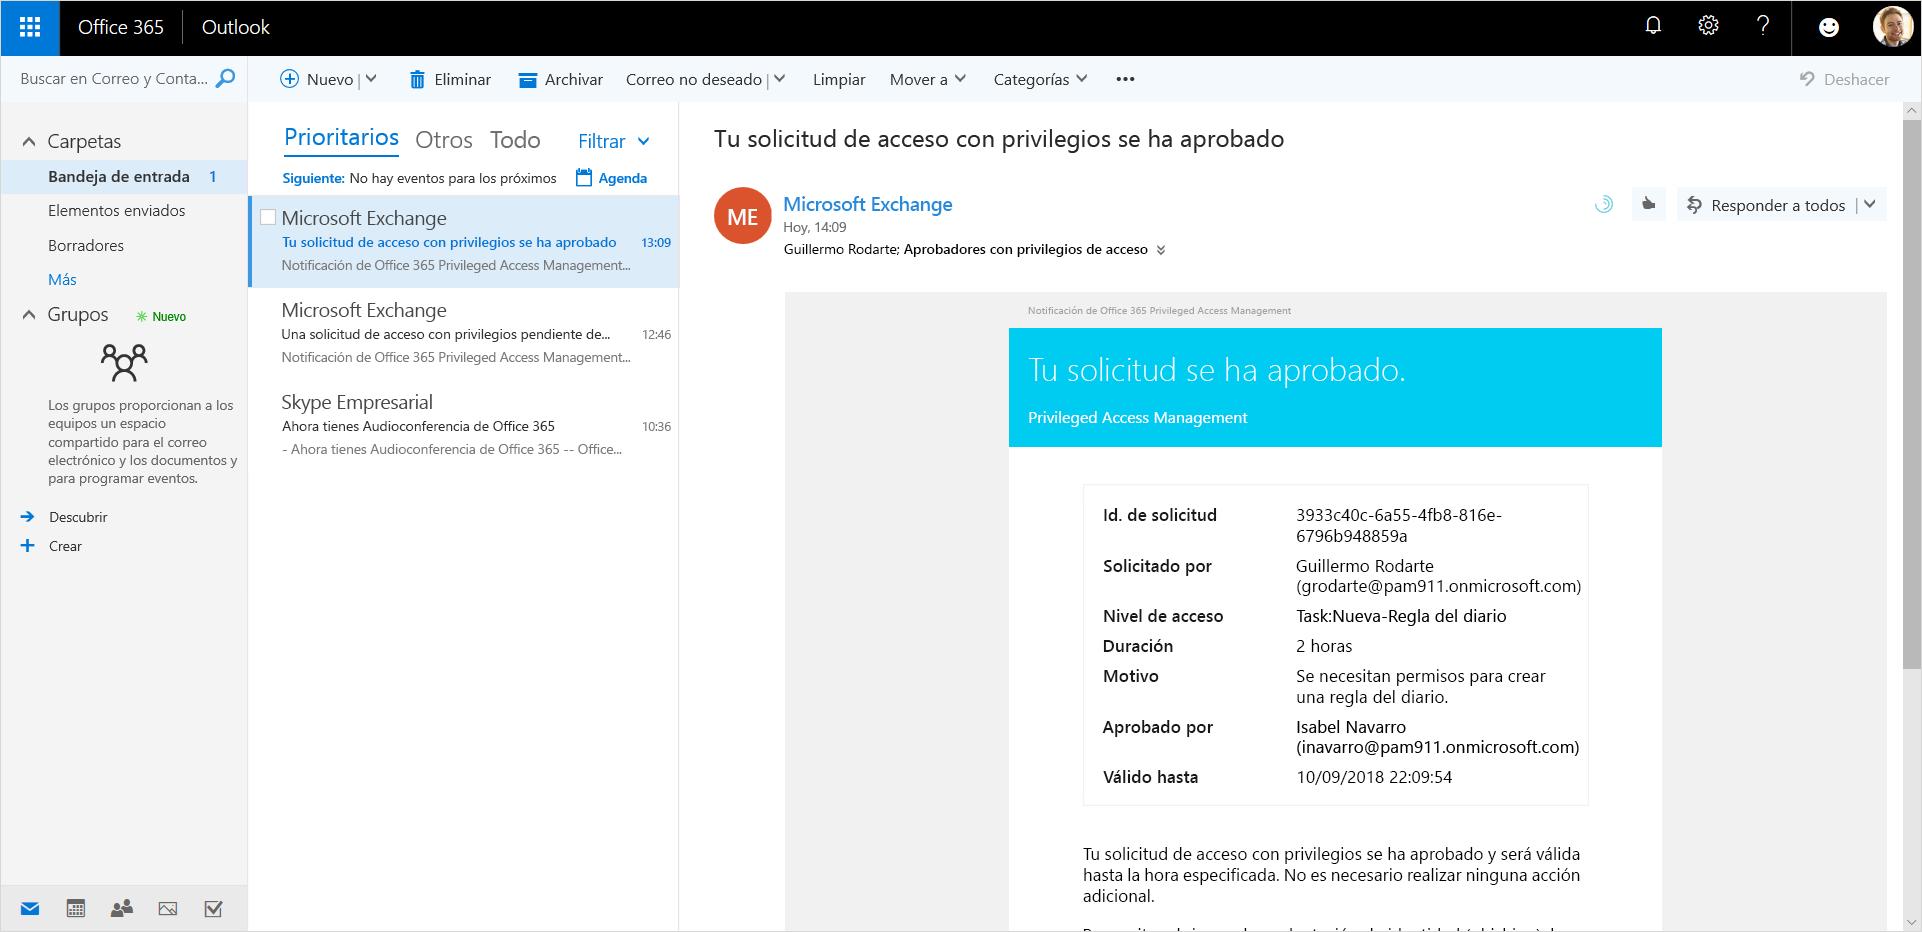 Imagen donde se muestra una solicitud de acceso con privilegios aprobada en Outlook.